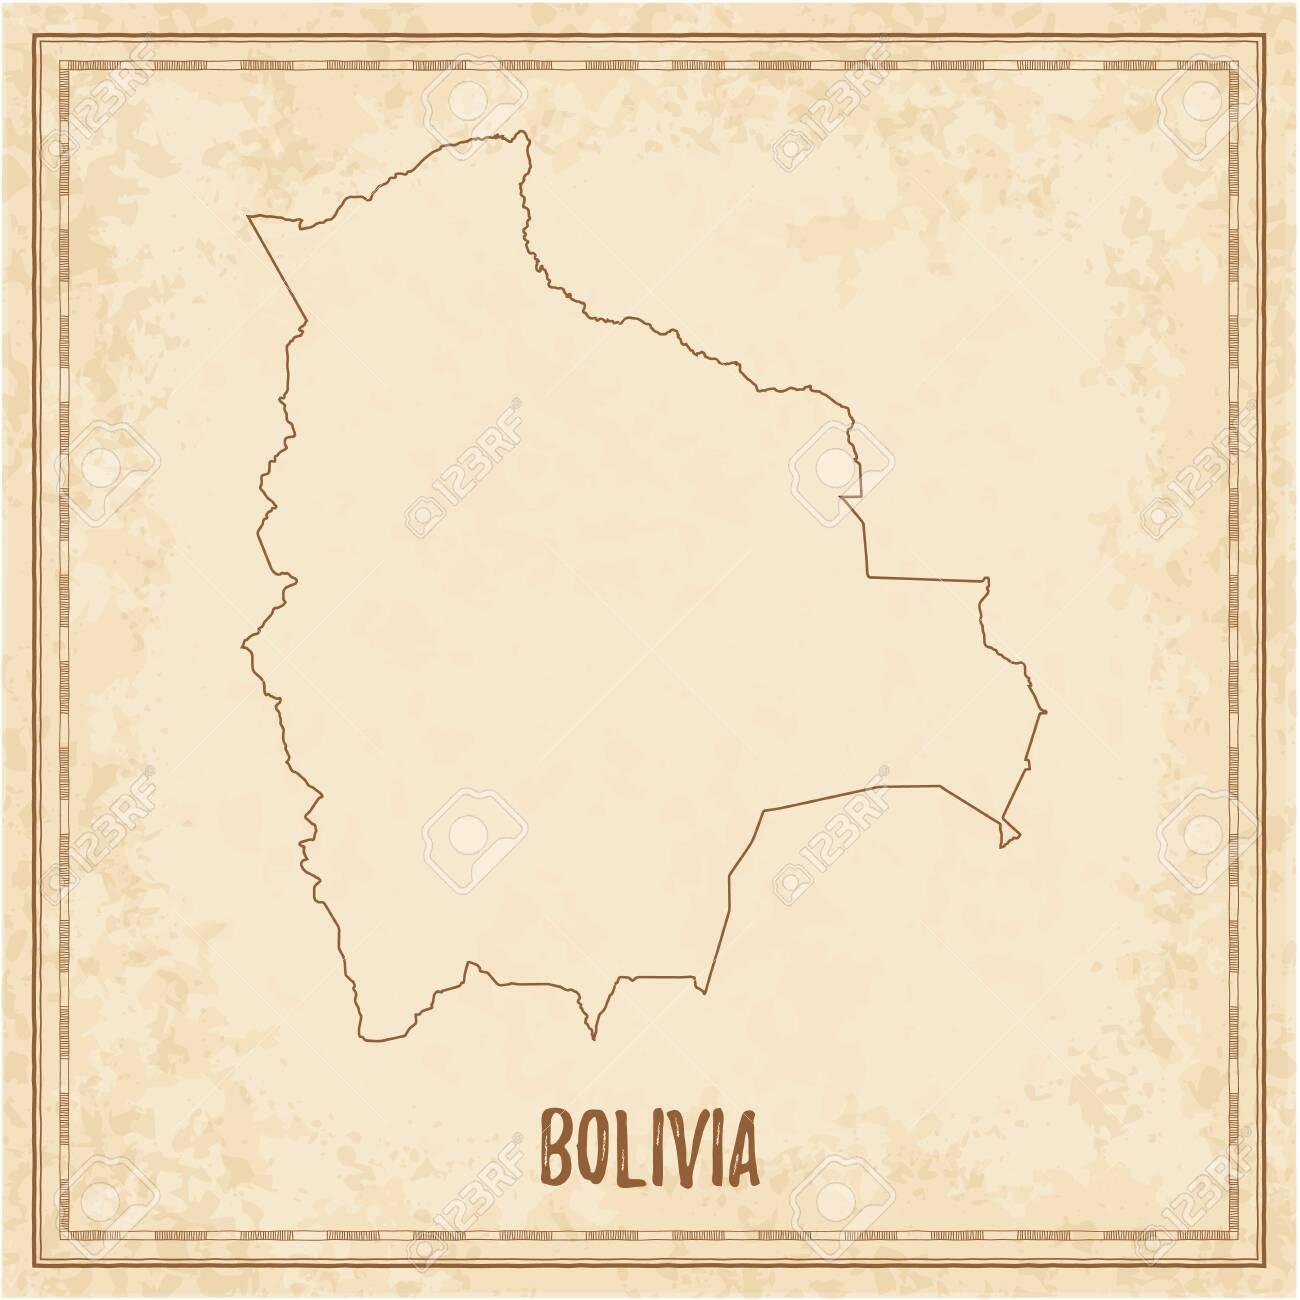 Picture of: Pirate Map Of Bolivia Blank Vector Map Of The Country Vector Illustration Ilustraciones Vectoriales Clip Art Vectorizado Libre De Derechos Image 129542492